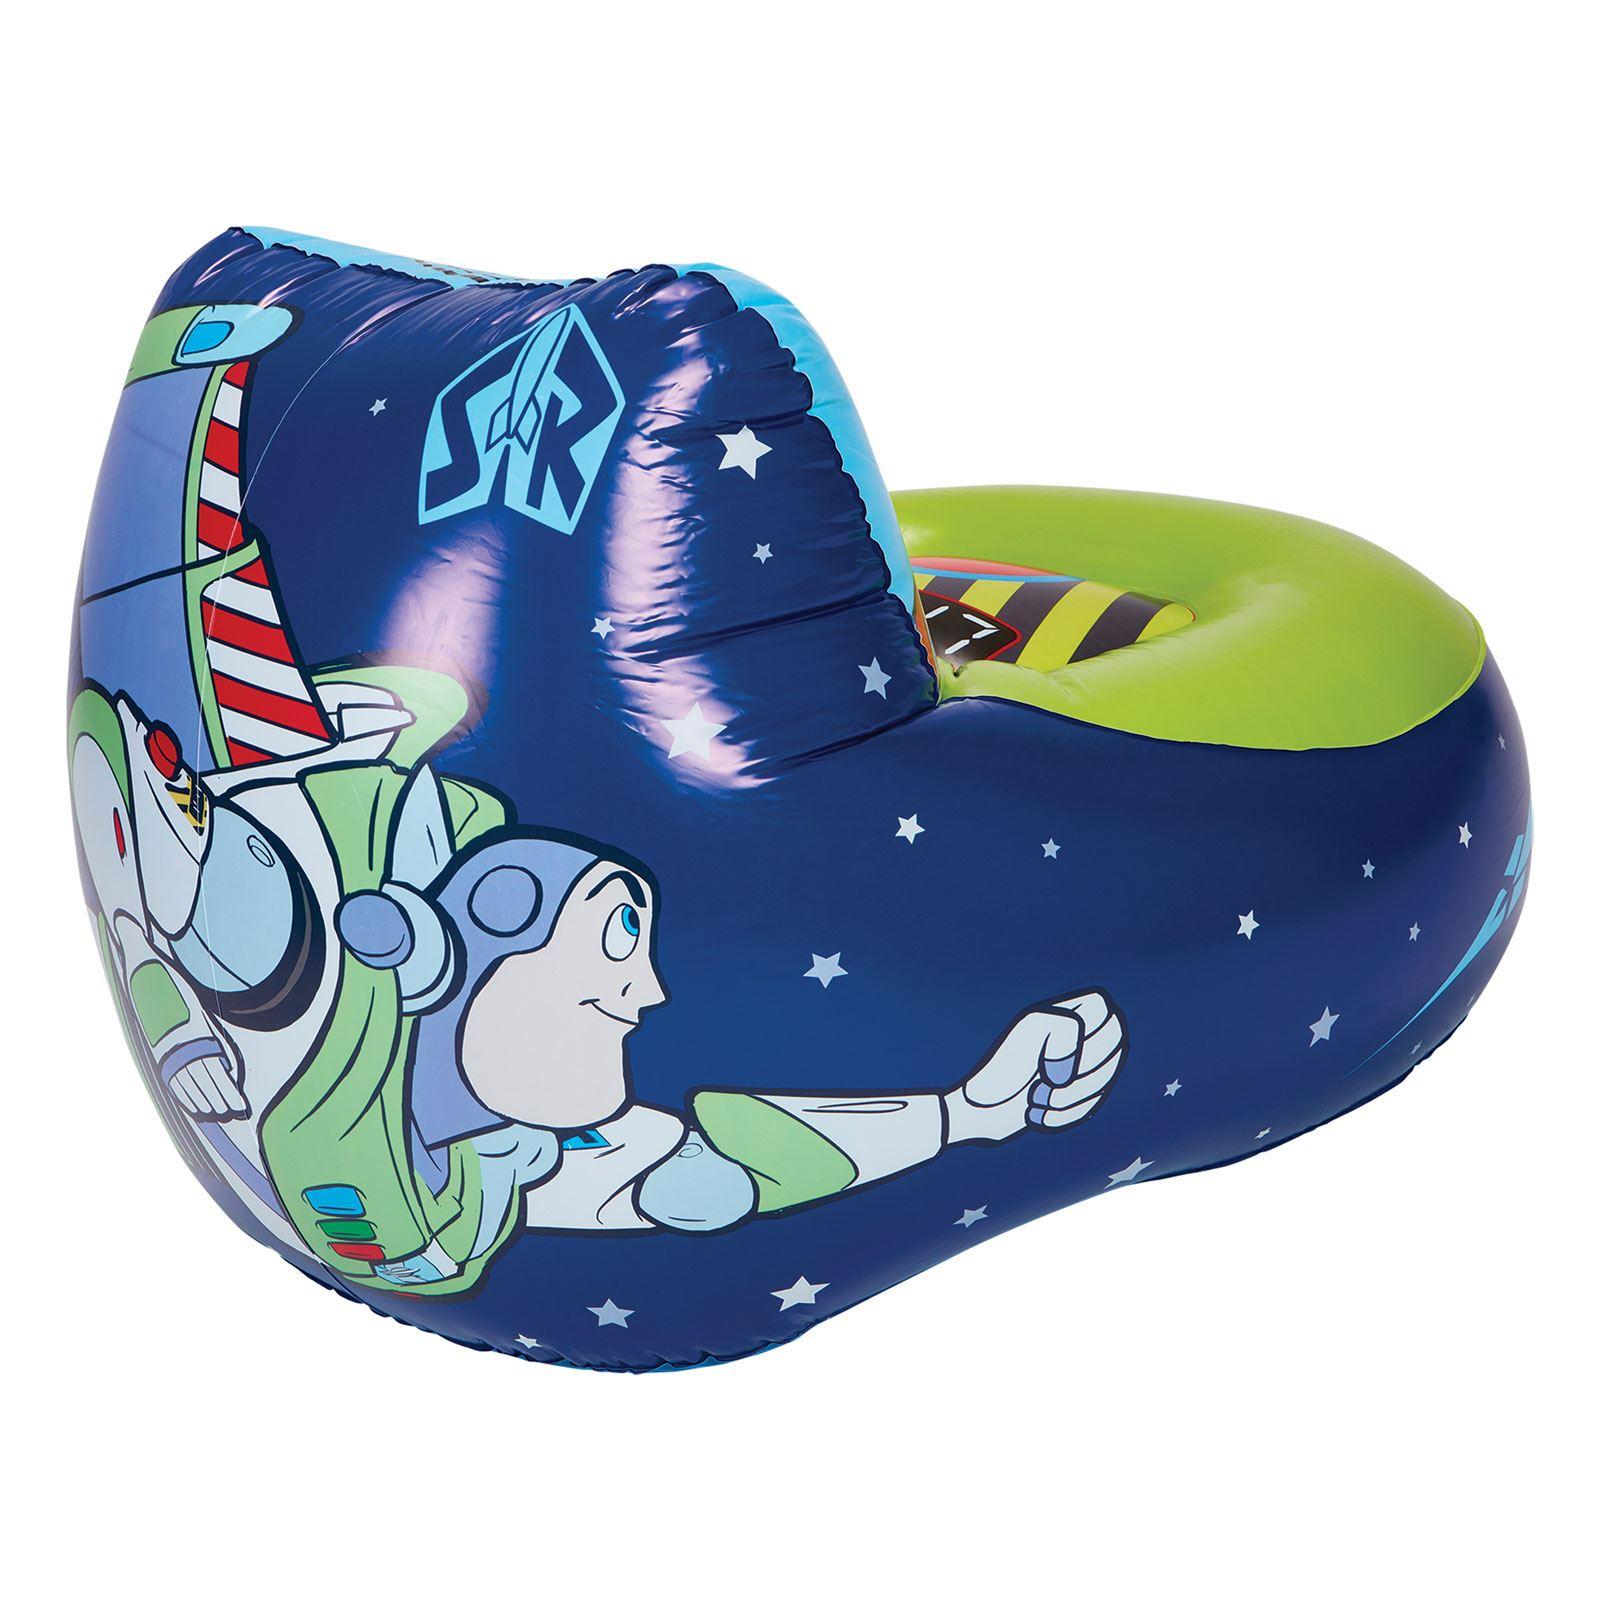 Indexbild 24 - Kinder Aufblasbarer Sessel - PAW PATROL, My LIttle Pony, Star Wars, Toy Story